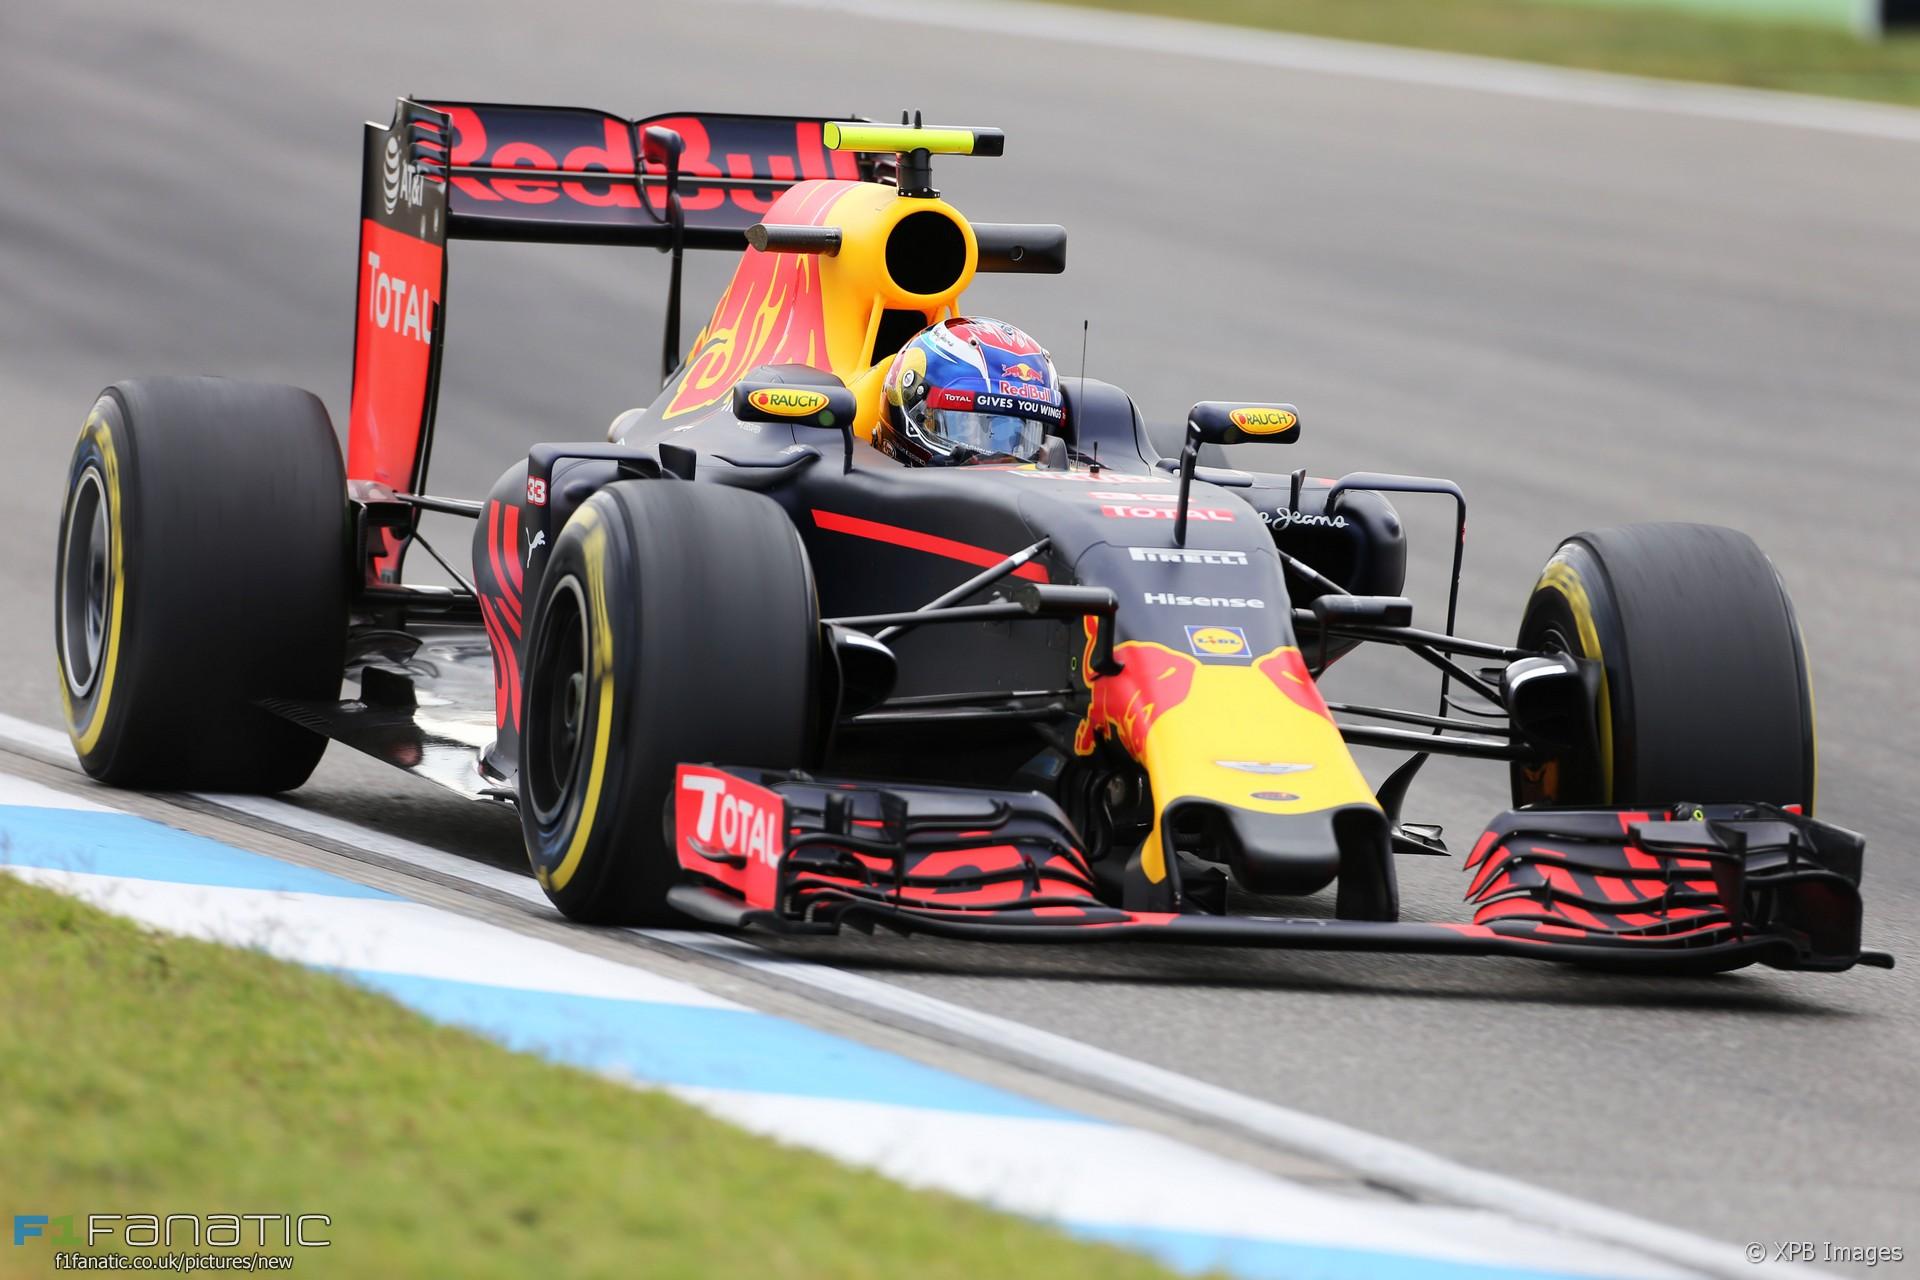 Max Verstappen, Red Bull, Hockenheimring, 2016 · F1 Fanatic